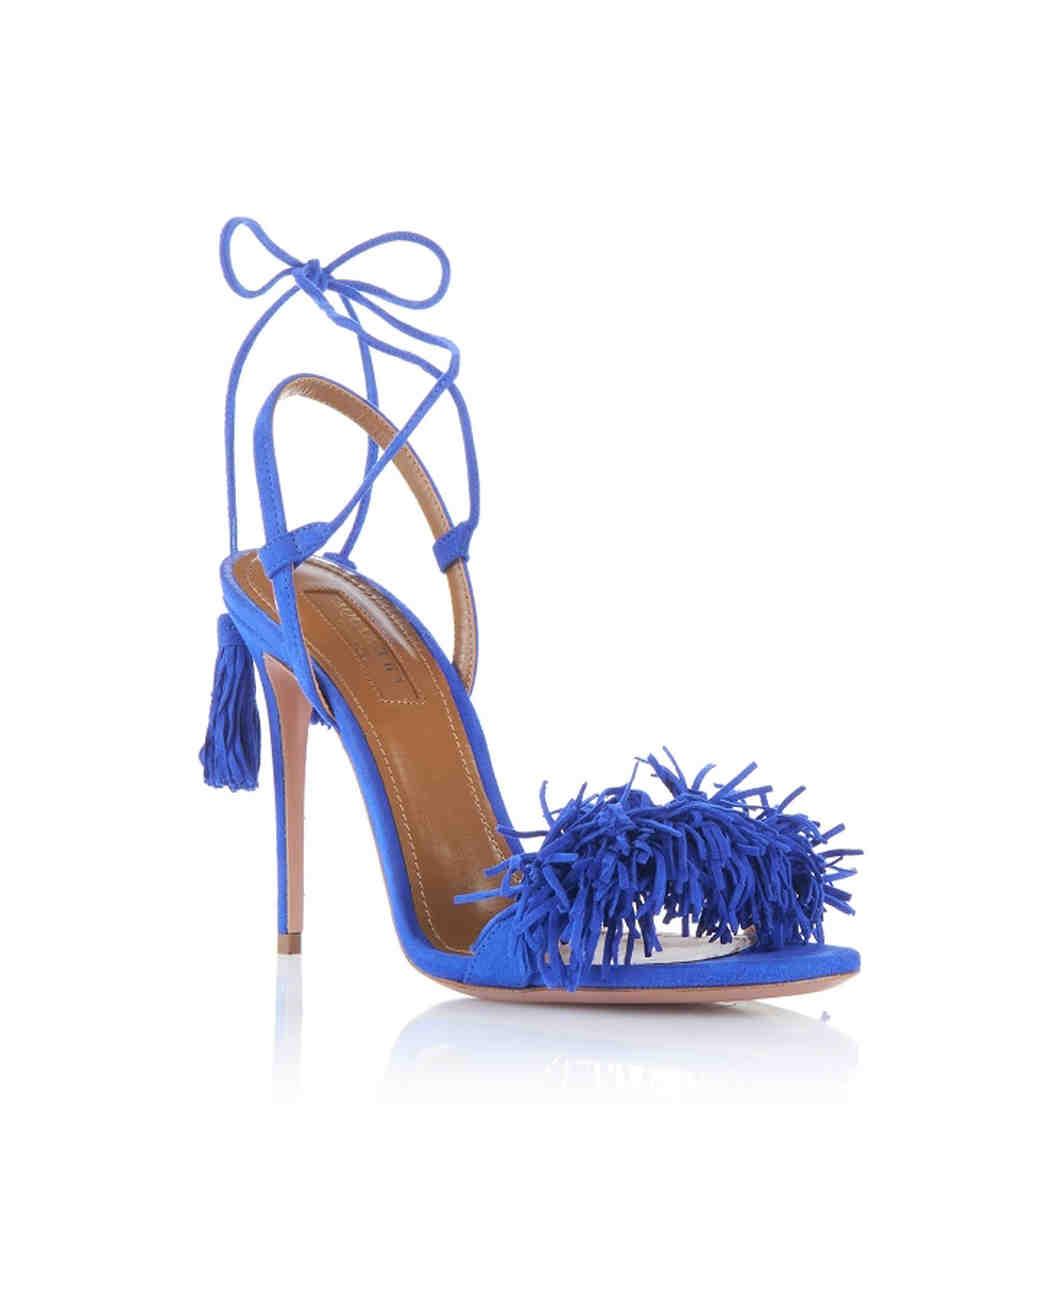 Aquazzura Royal Blue Evening Shoes with fringe